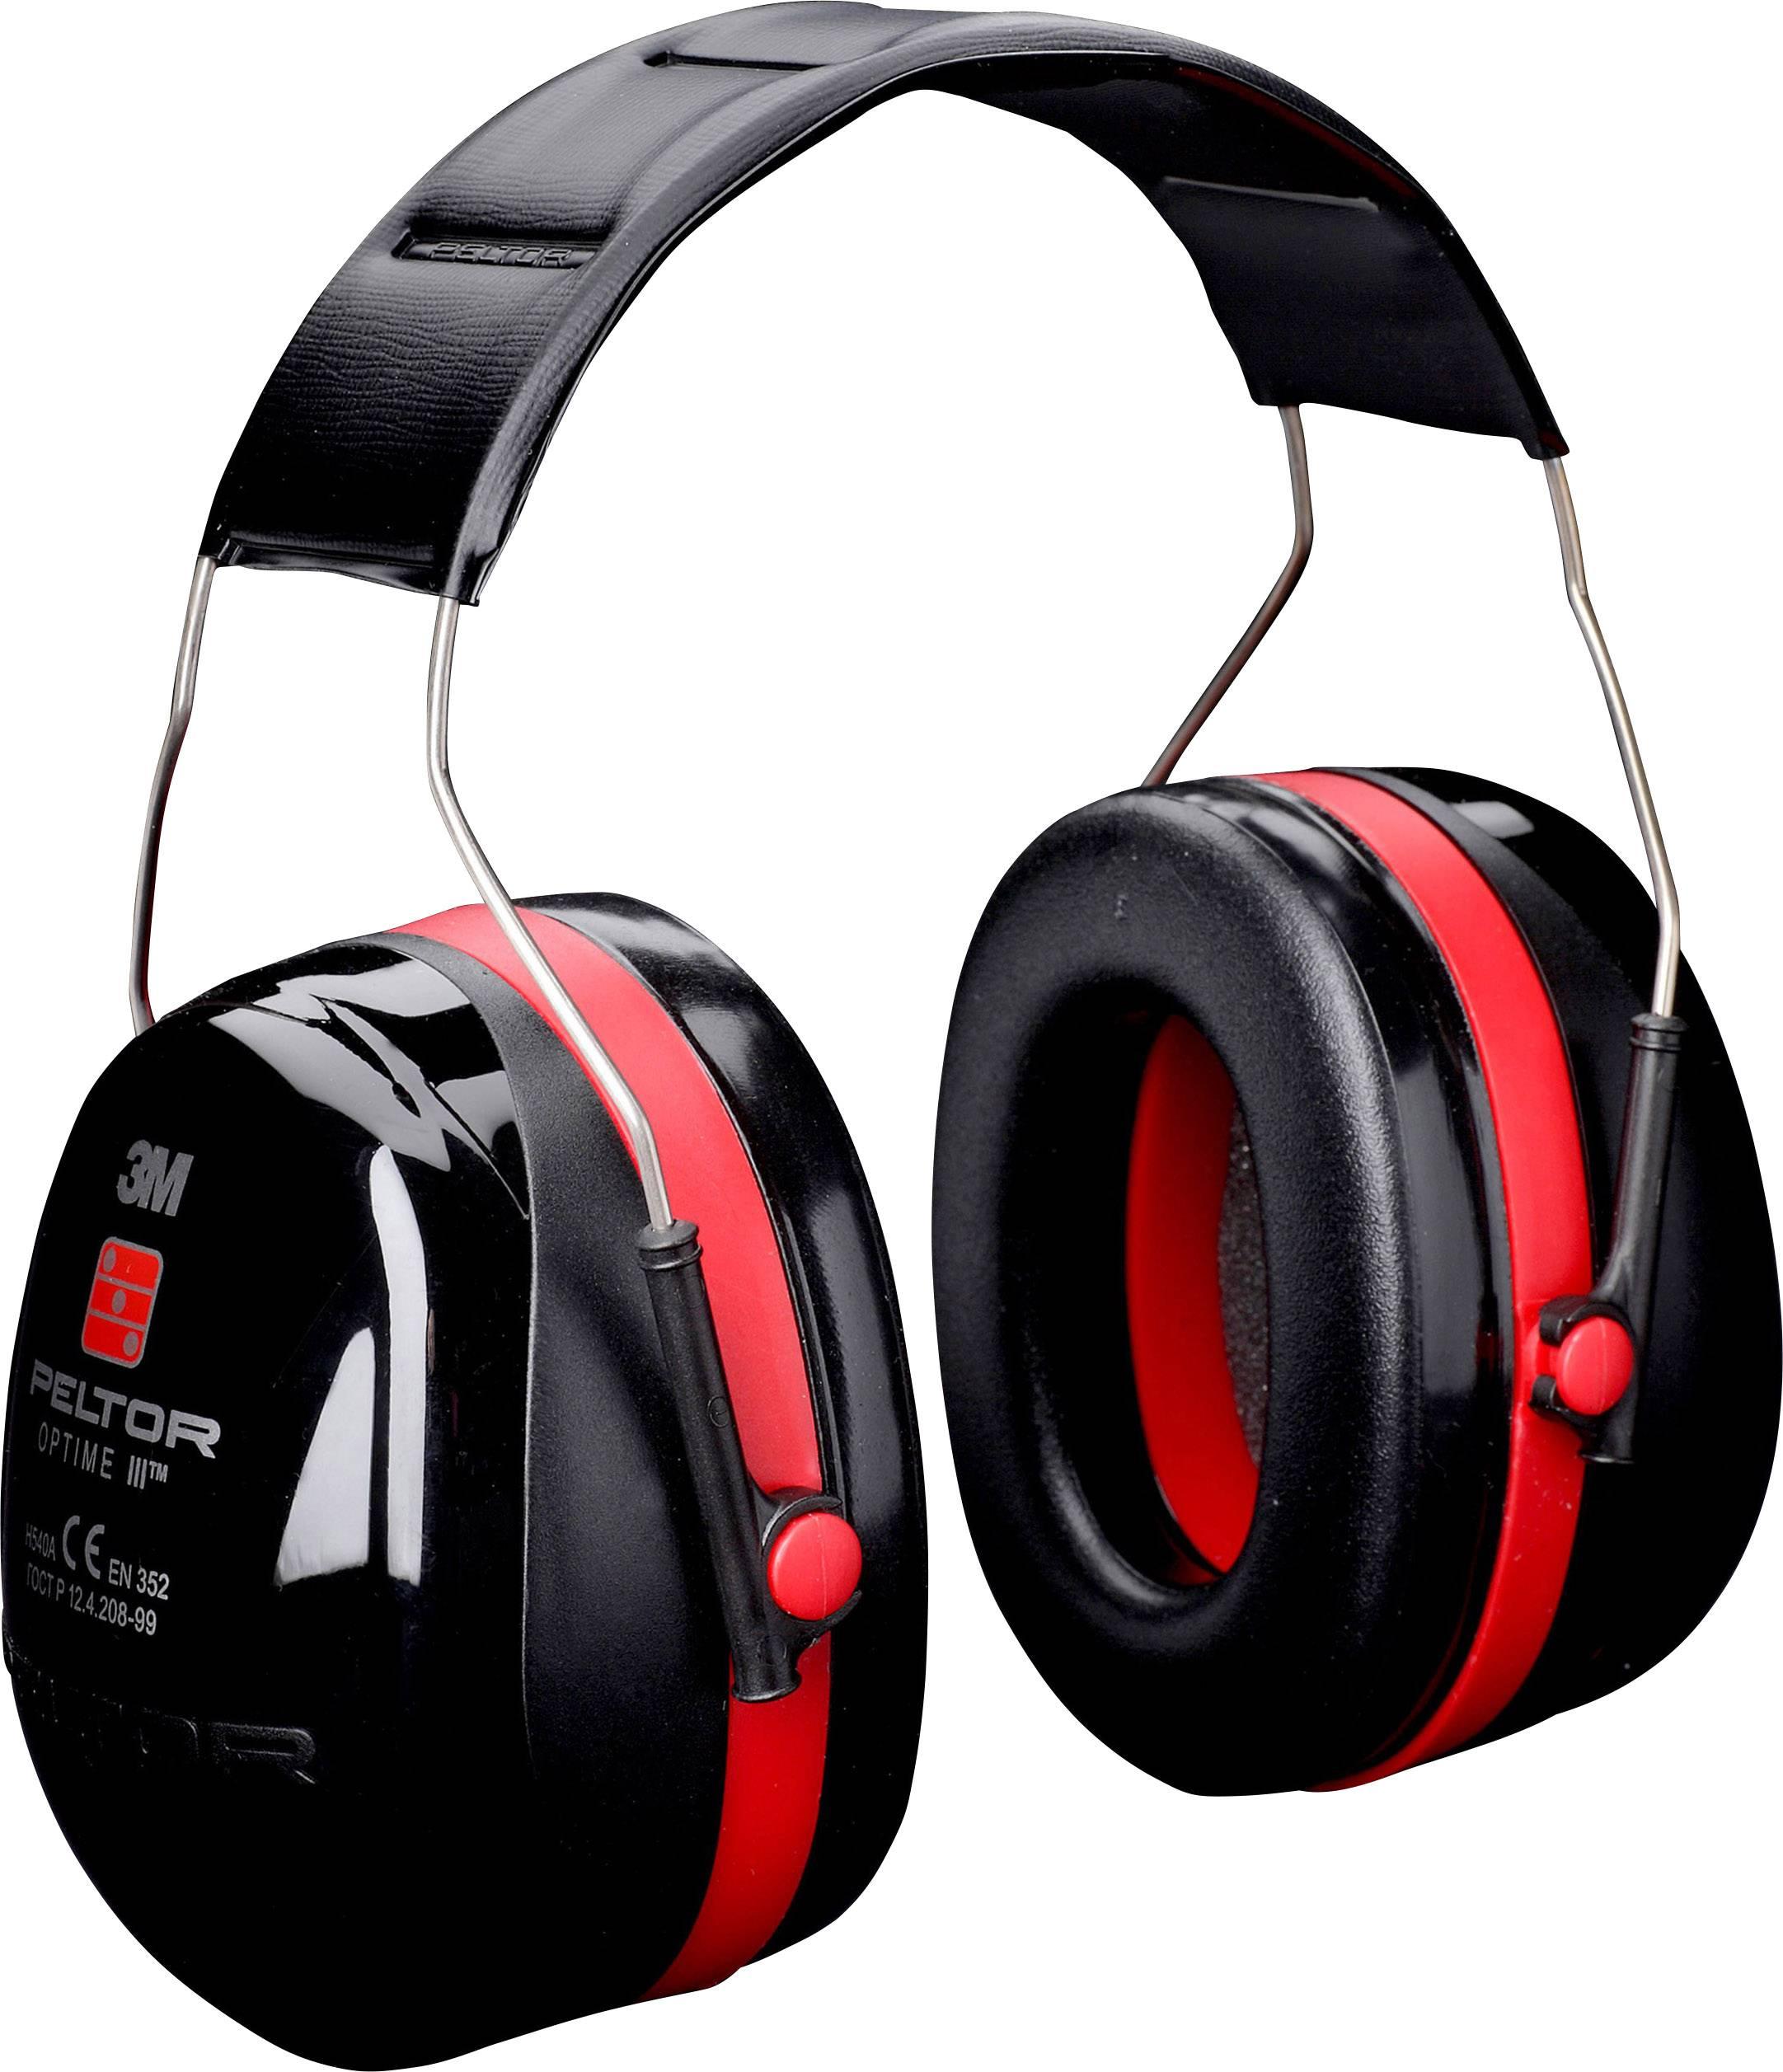 Mušľové chrániče sluchu Peltor, červená/čierna